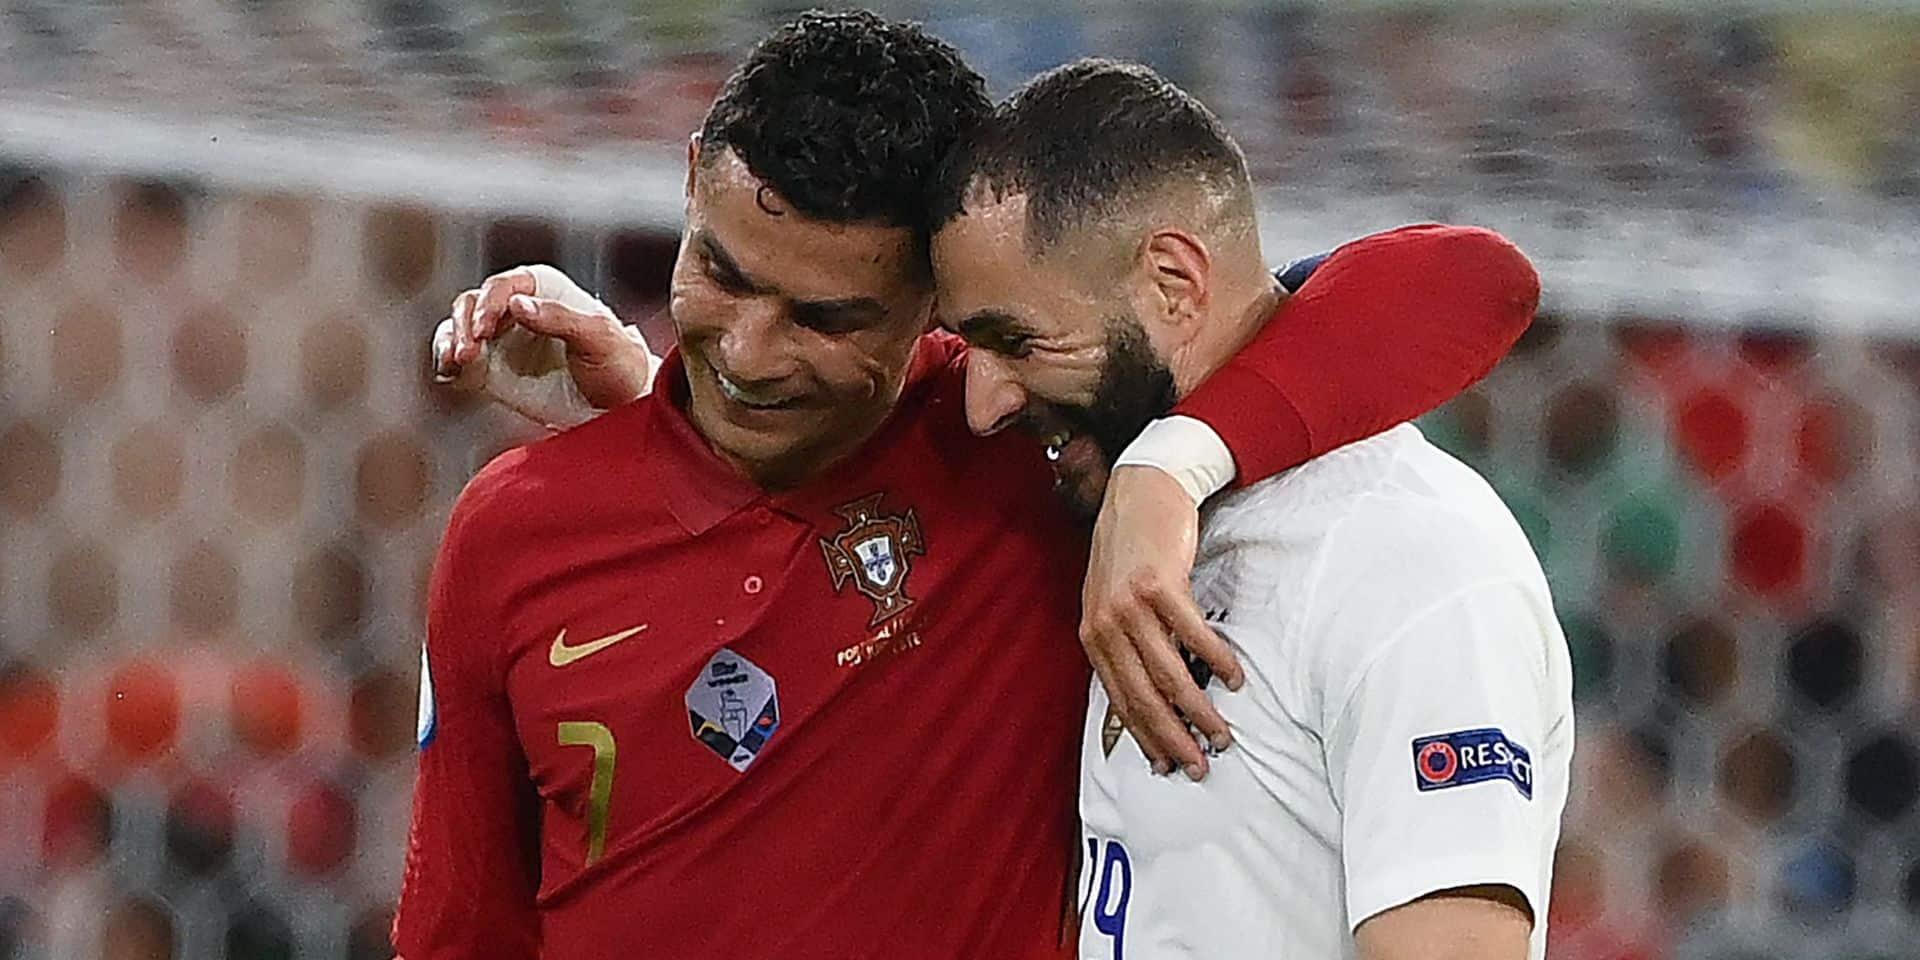 La belle image entre Benzema et Ronaldo pour leurs retrouvailles (PHOTOS)